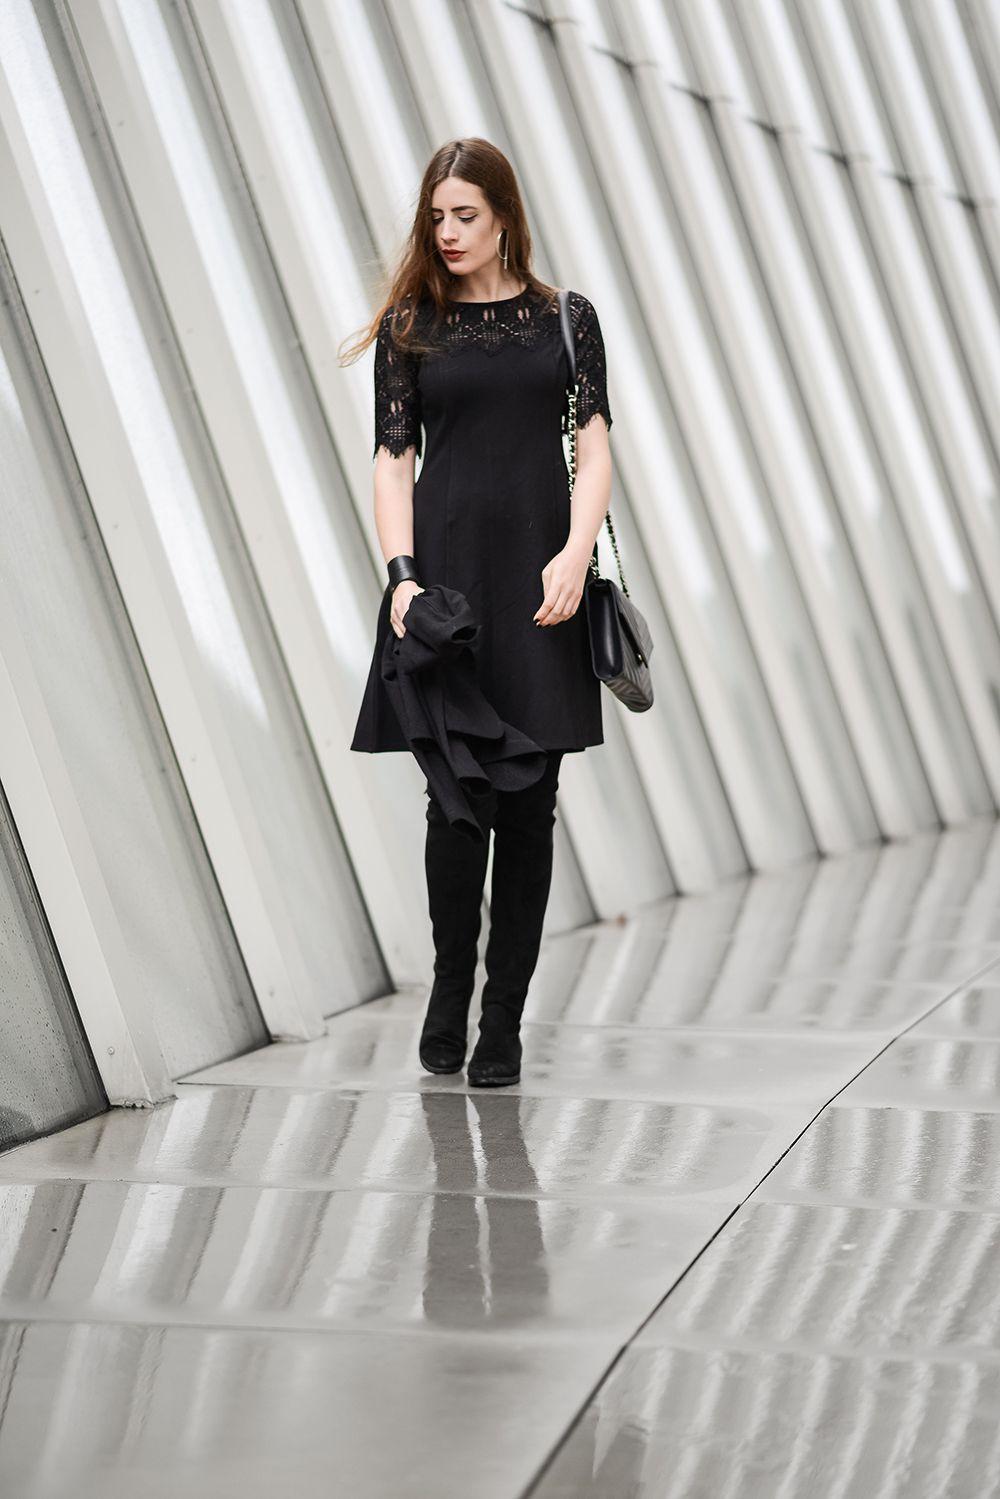 abendlook: schwarzes kleid mit spitze und overknees